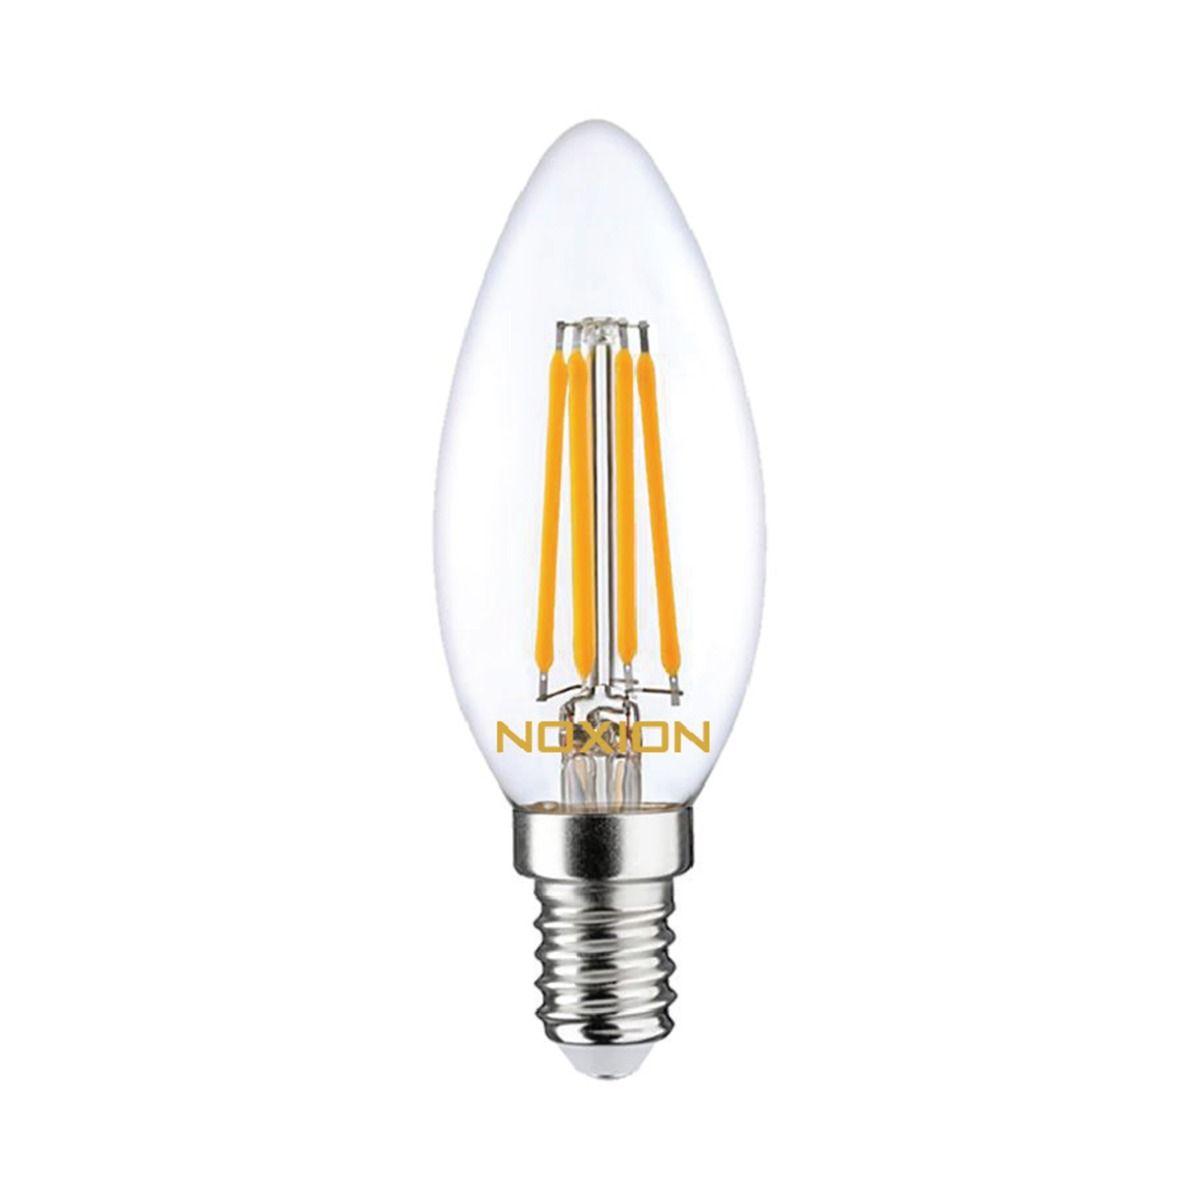 Noxion Lucent Kooldraad LED Candle 4.5W 827 B35 E14 Helder | Dimbaar - Vervanger voor 40W